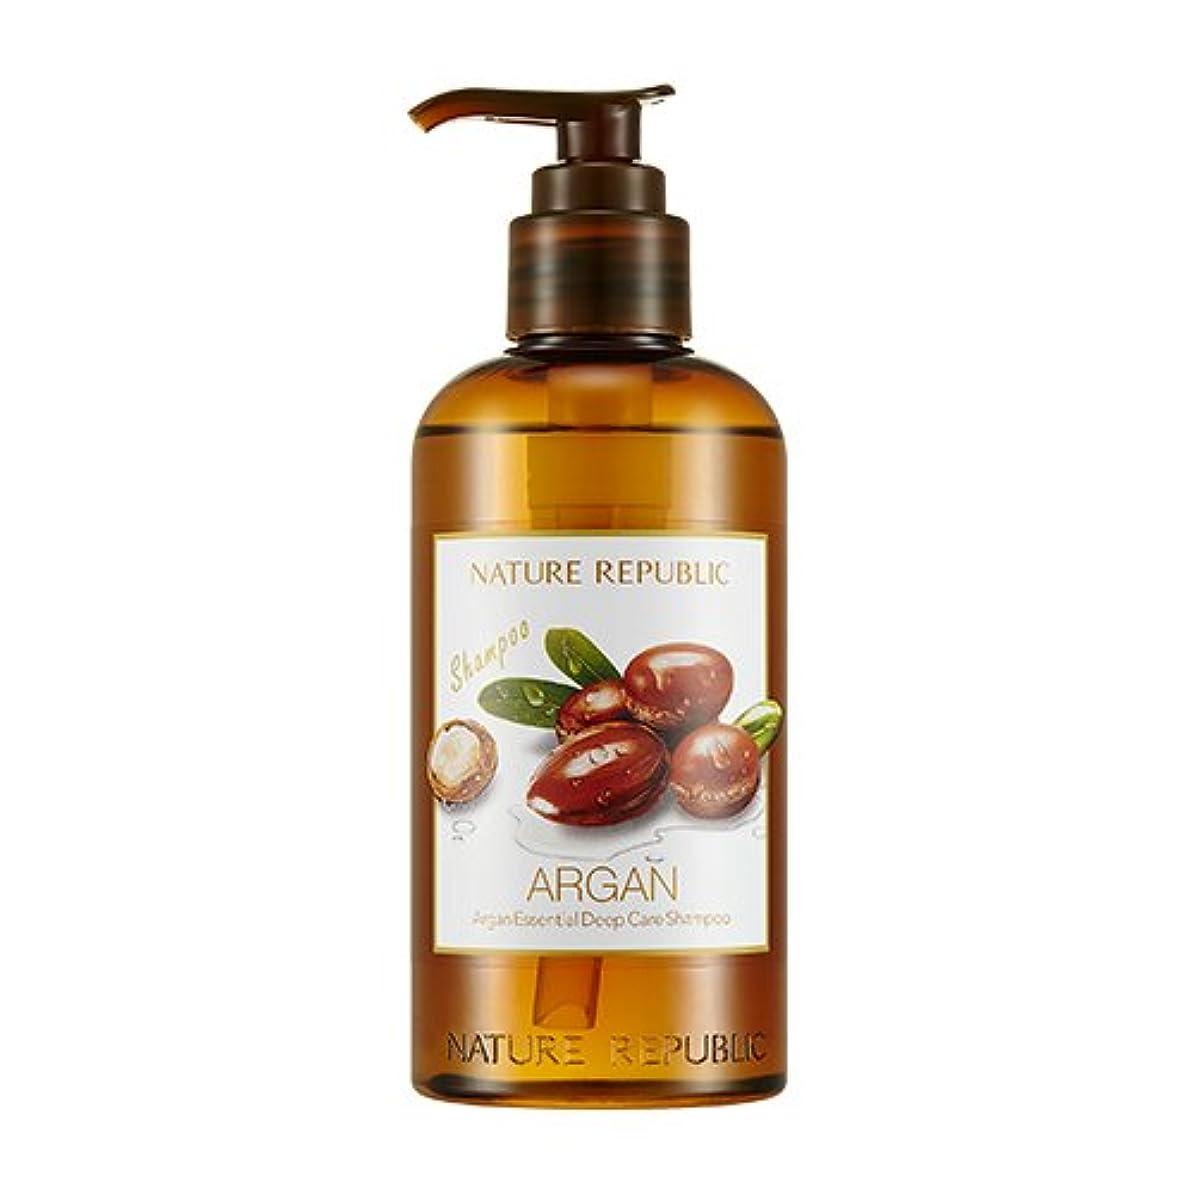 裏切り者地殻殺す[ Renewal ]ネイチャーリパブリック NATURE REPUBLIC アルガン エッセンシャル ディープ ケア シャンプー Argan Essential Deep Care Shampoo 300ml [並行輸入品]